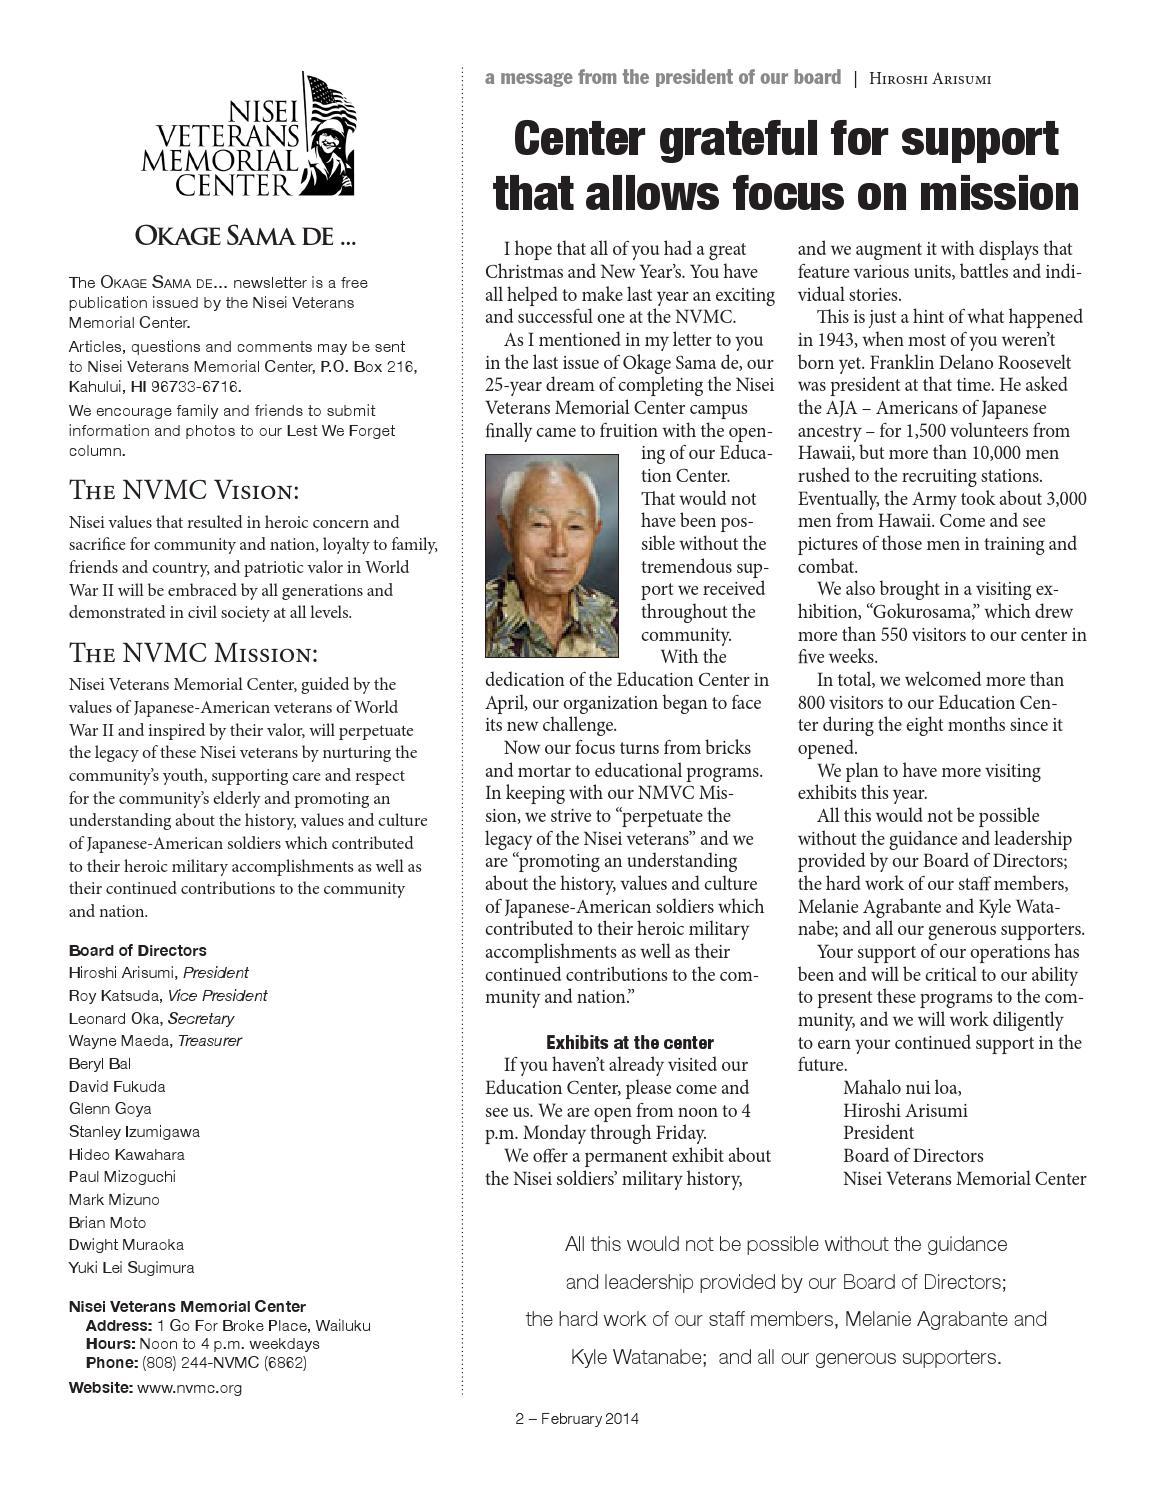 Nisei Veterans Memorial Center - Okage Sama de Newsletter